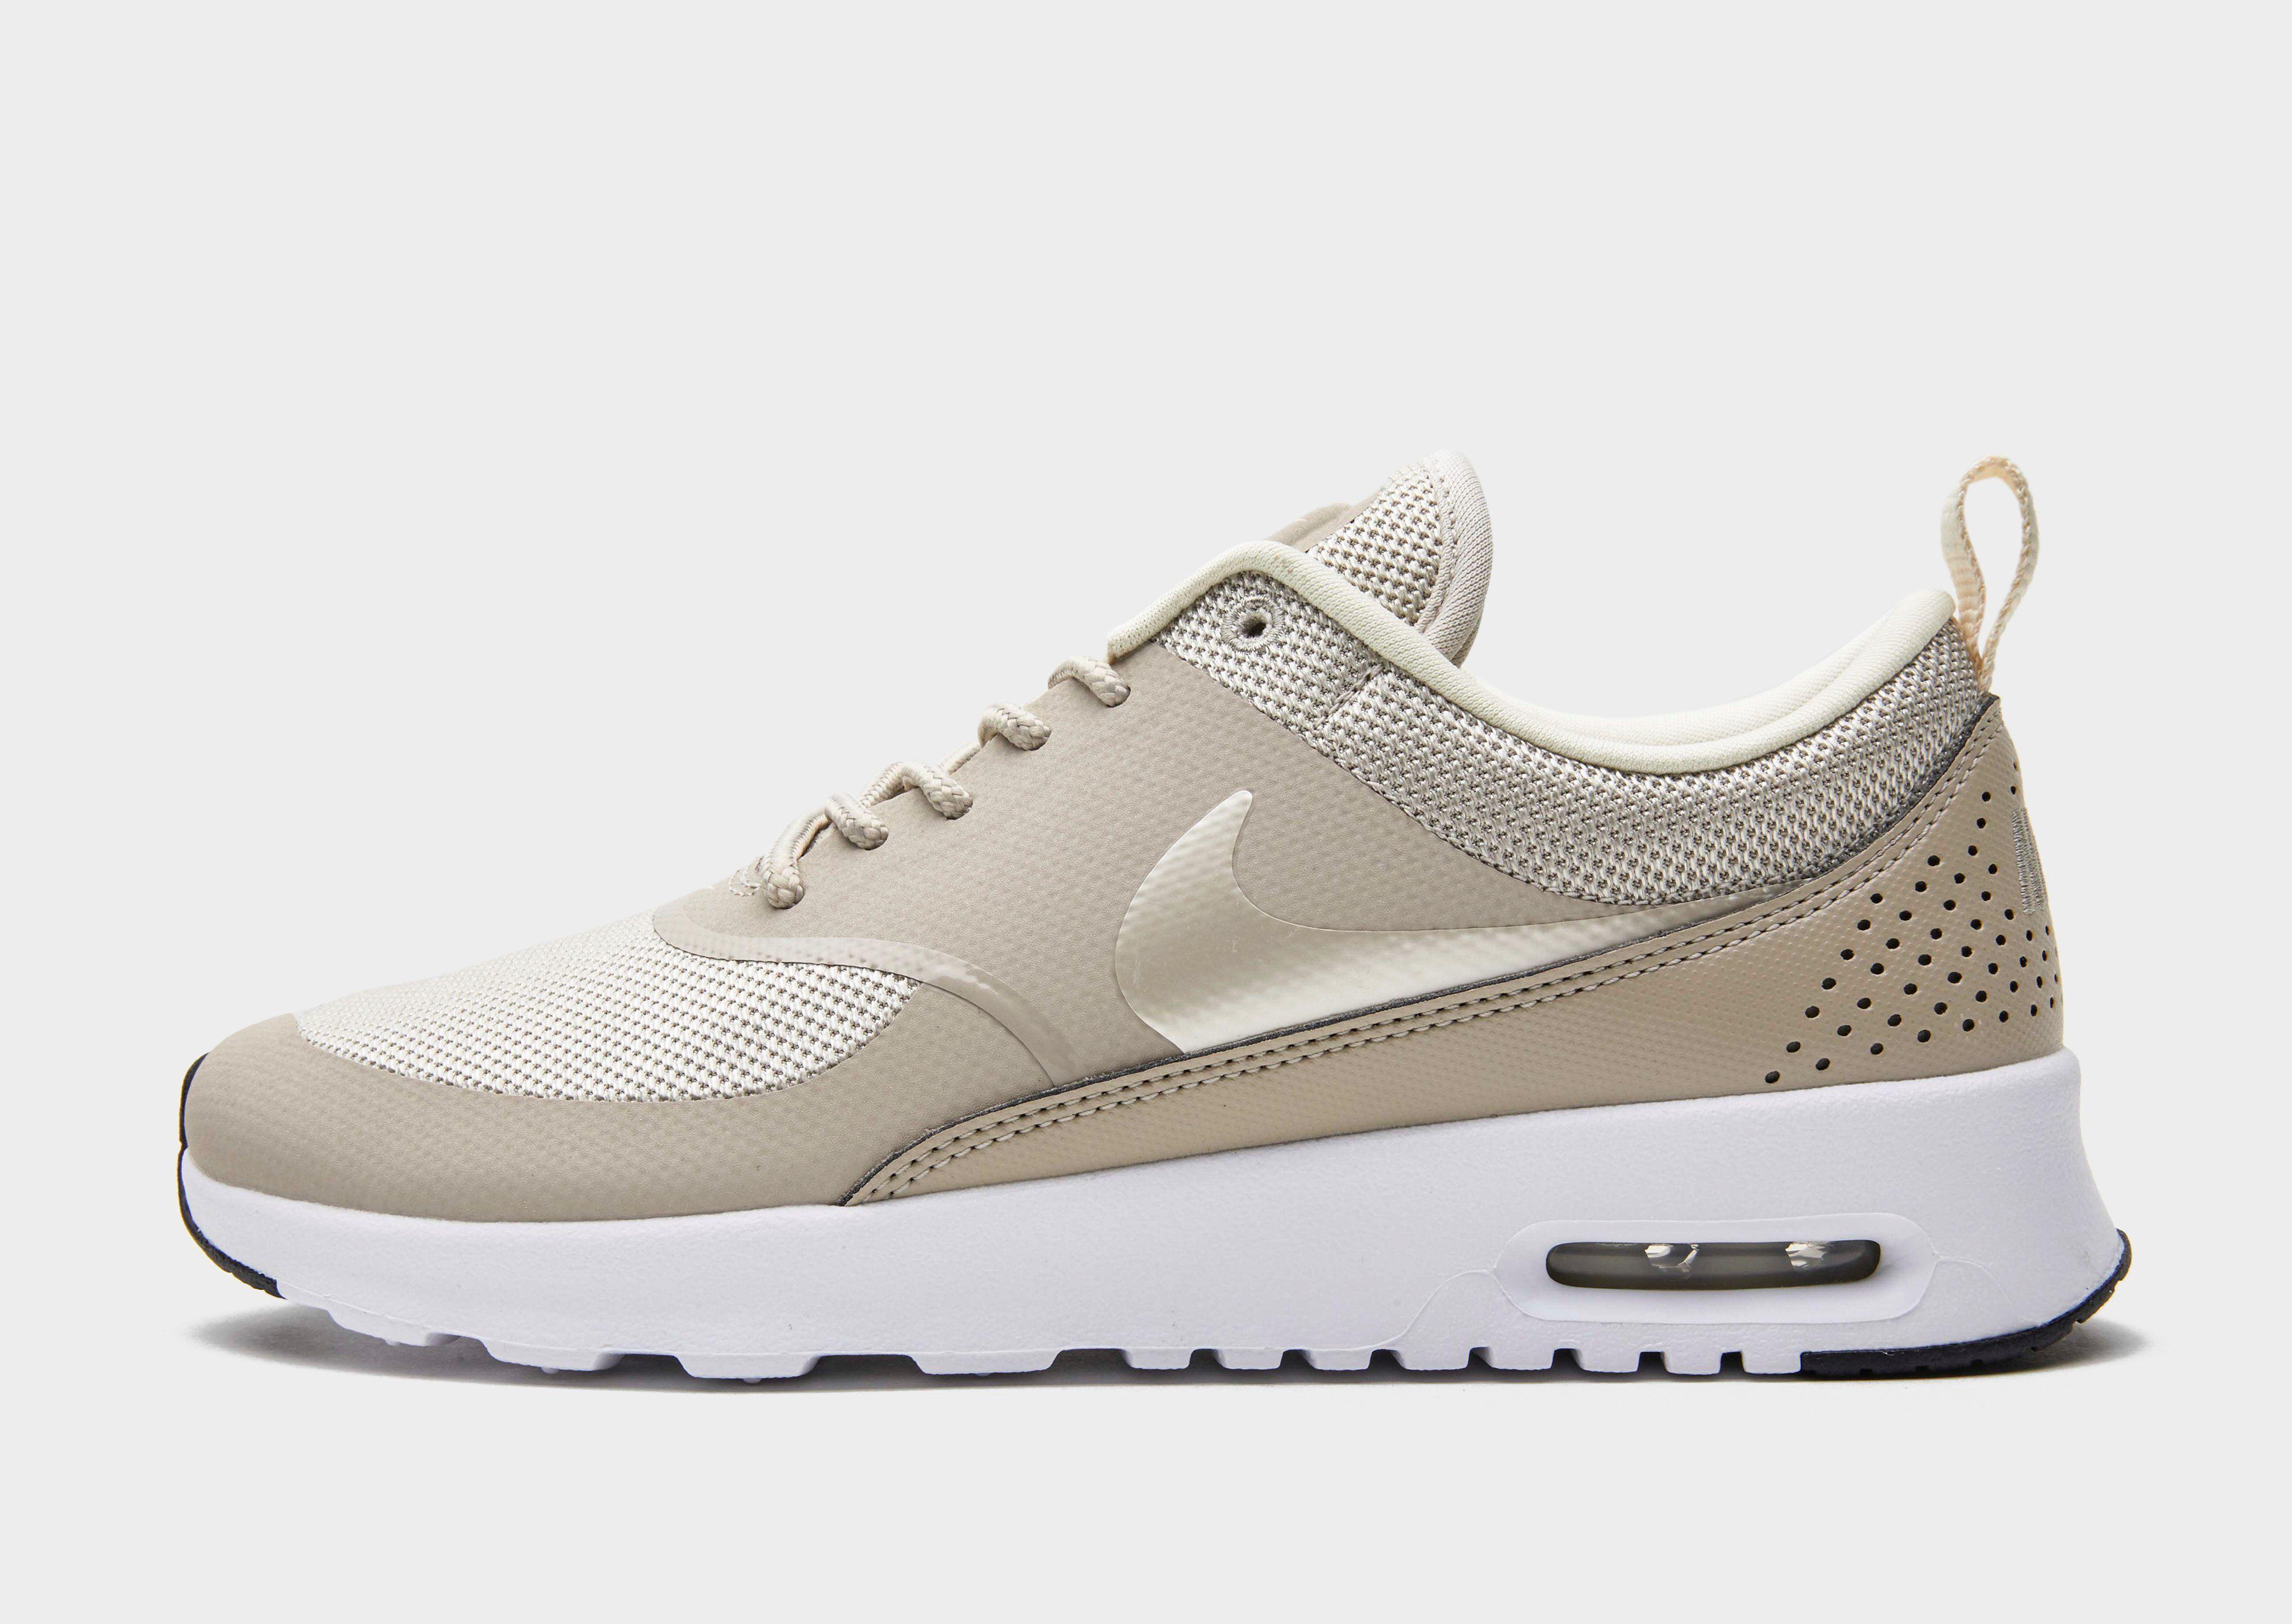 21501391b1d7 NIKE Nike Air Max Thea Women s Shoe